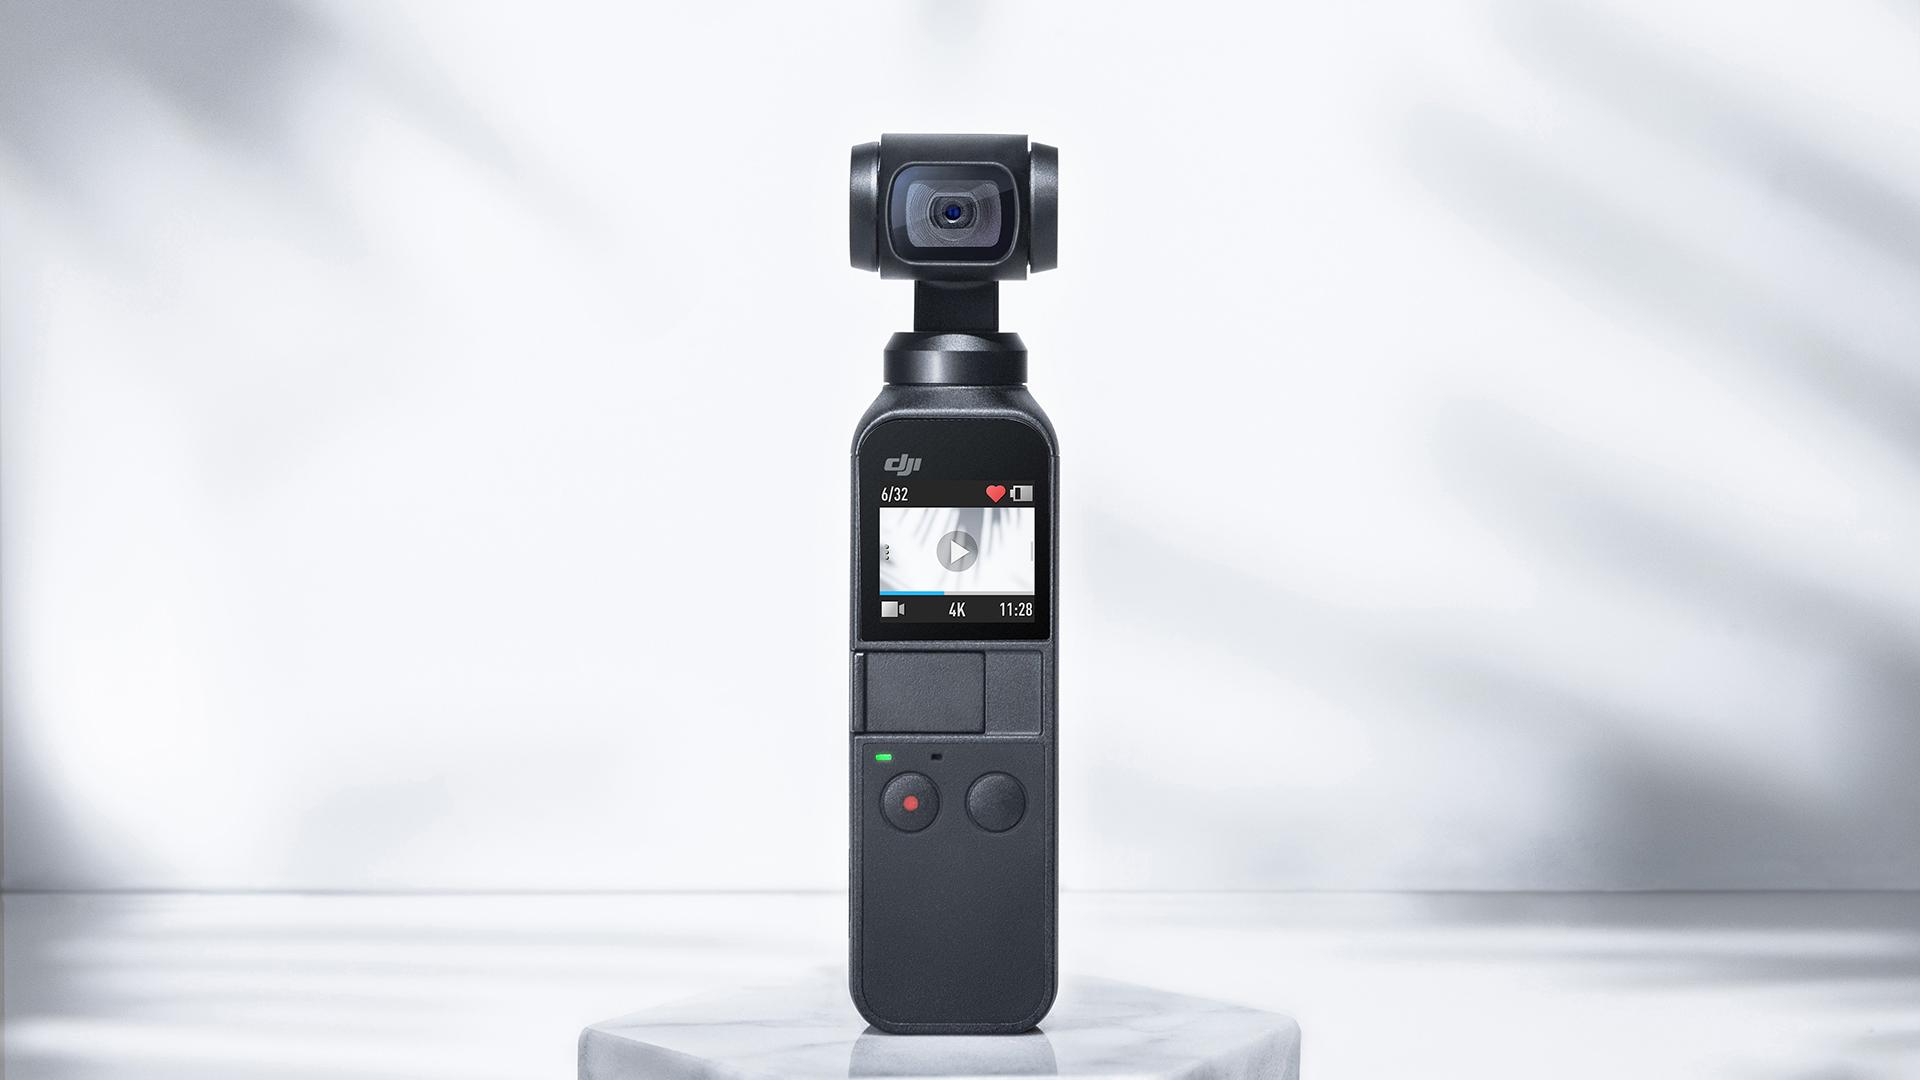 أفضل كاميرا حركة 2019: 10 كاميرات لجيل GoPro 19